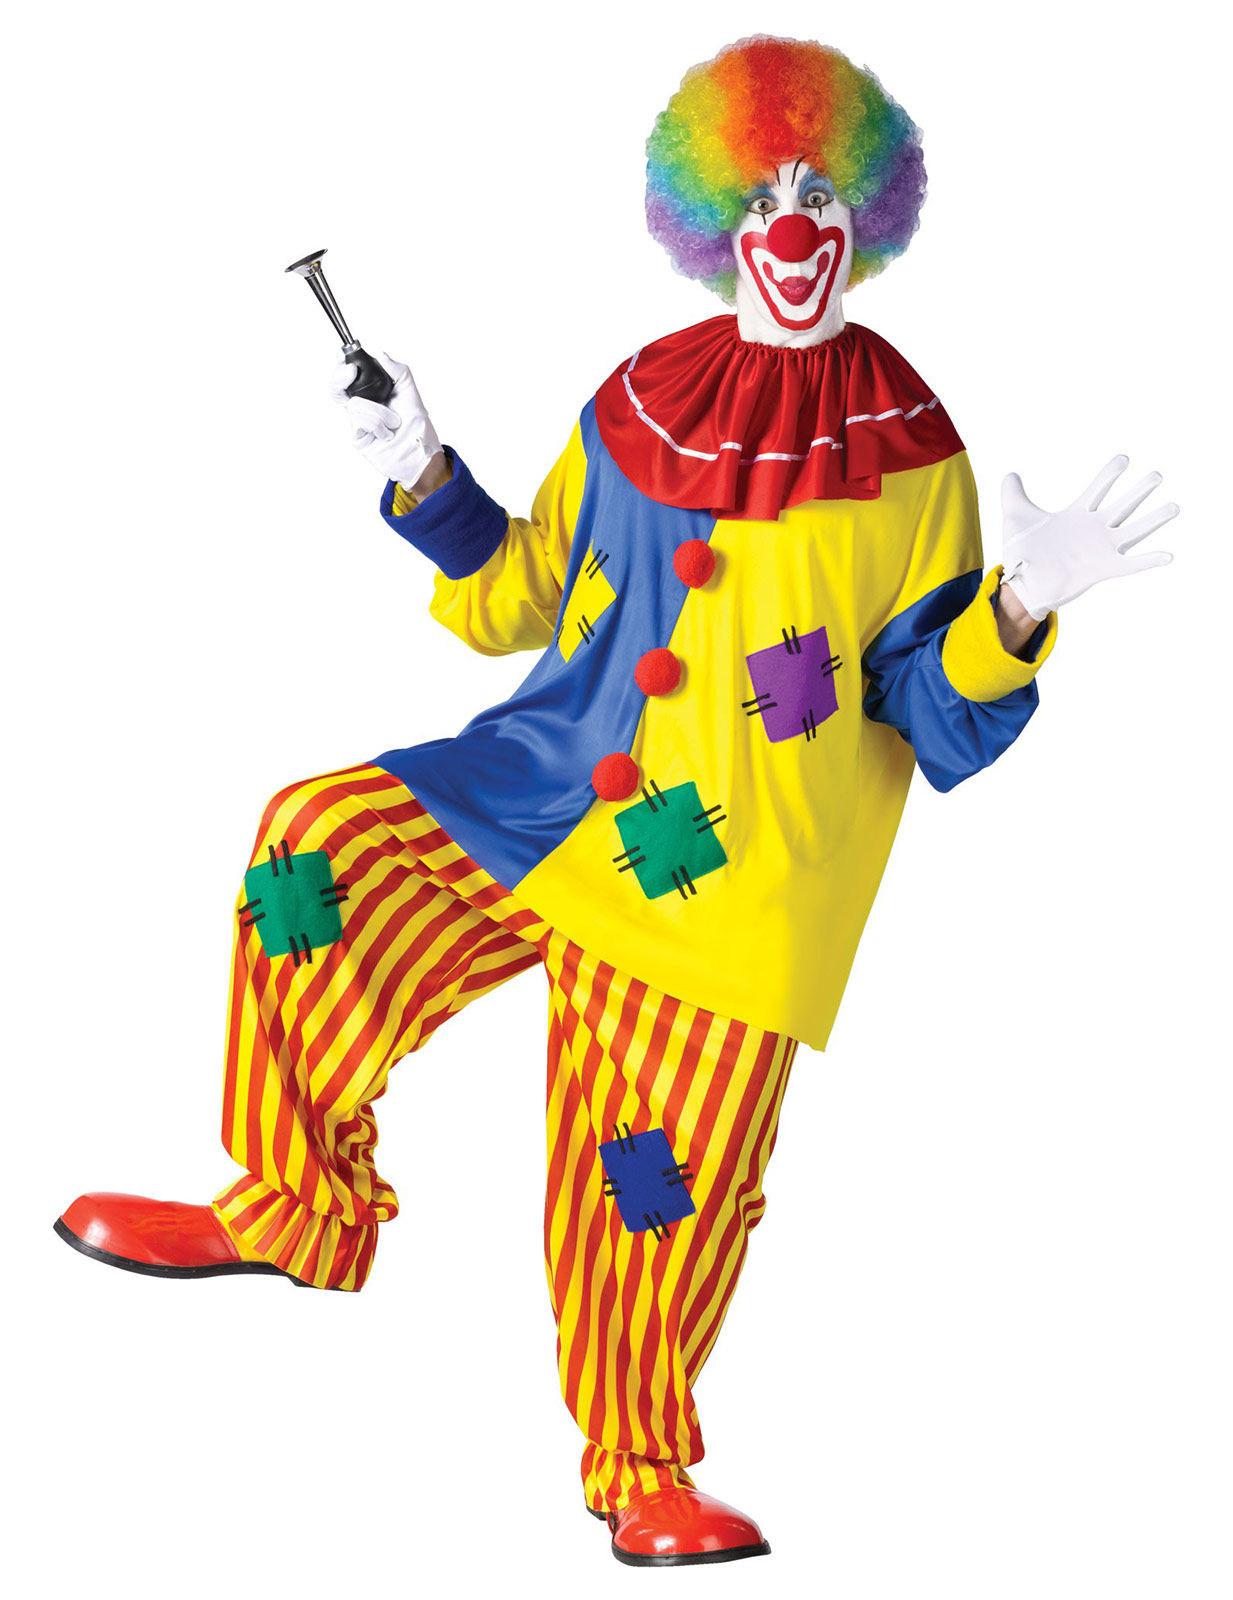 lustiger clown spassmacher kost m zirkus bunt g nstige. Black Bedroom Furniture Sets. Home Design Ideas